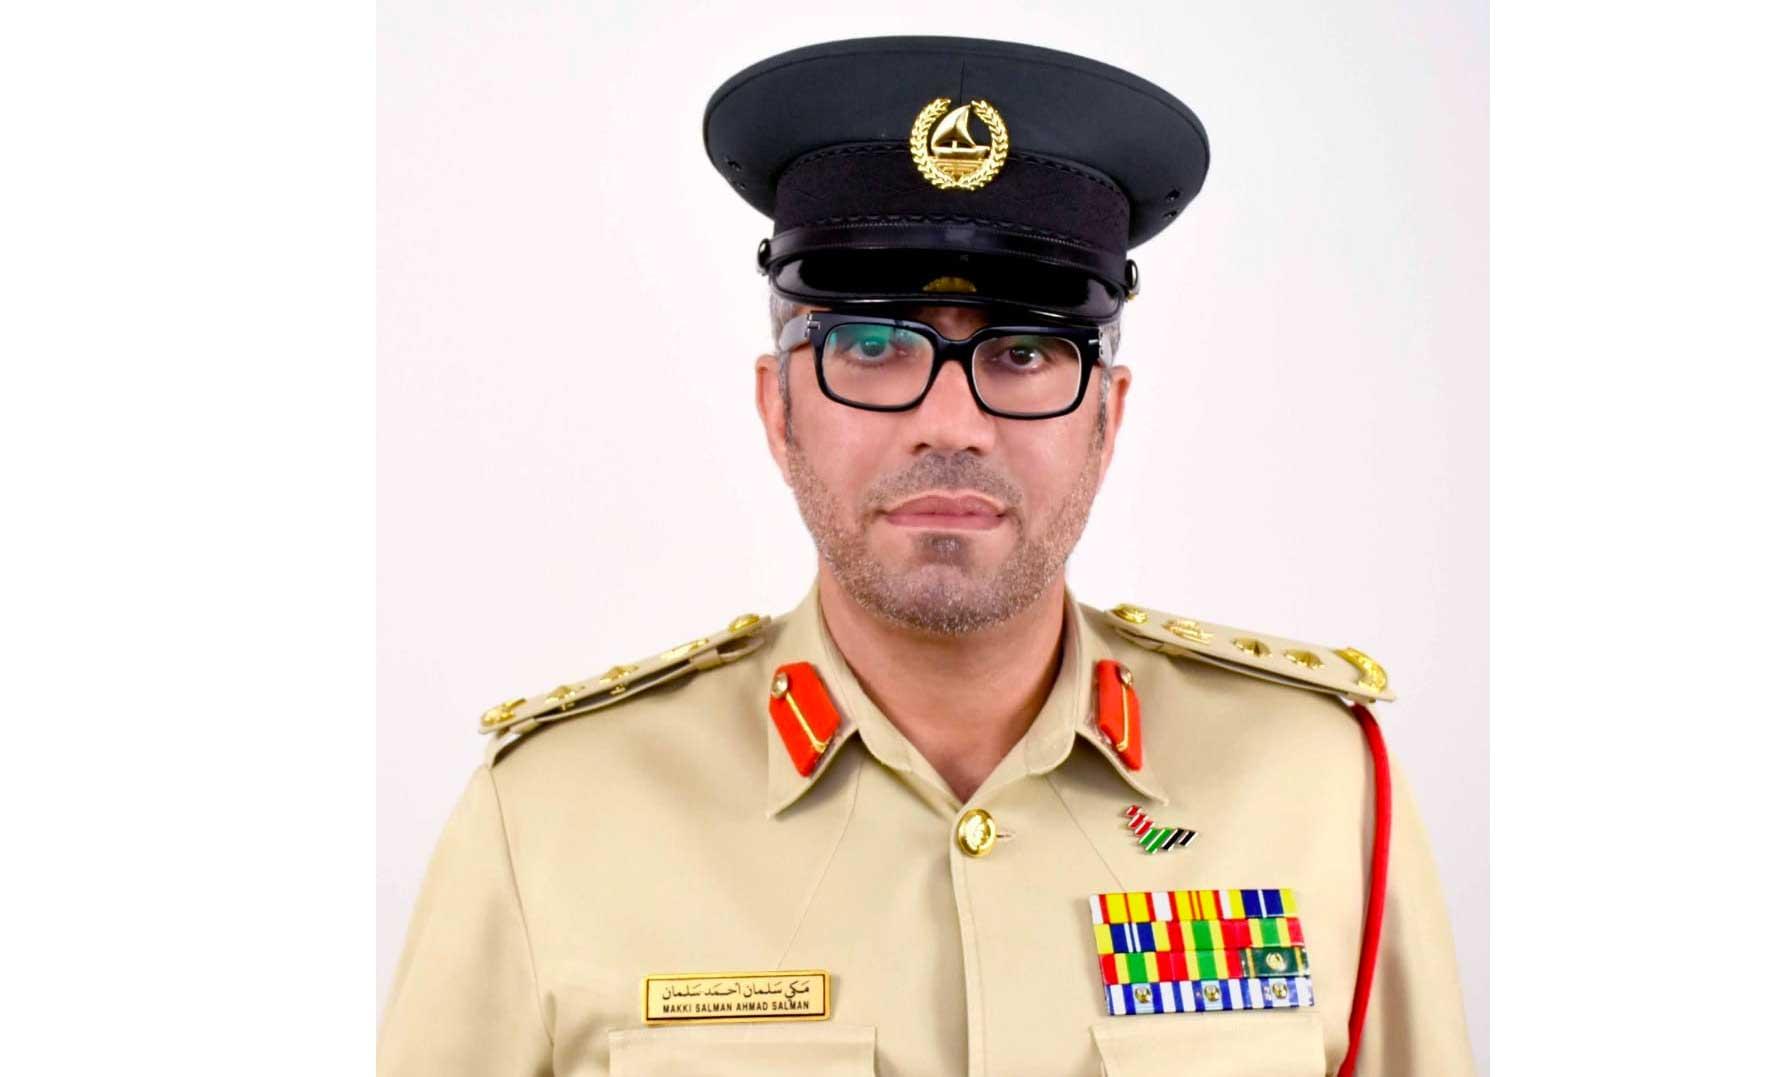 الصورة : العقيد مكي سلمان احمد  مدير إدارة مسرح الجريمة بالوكالة